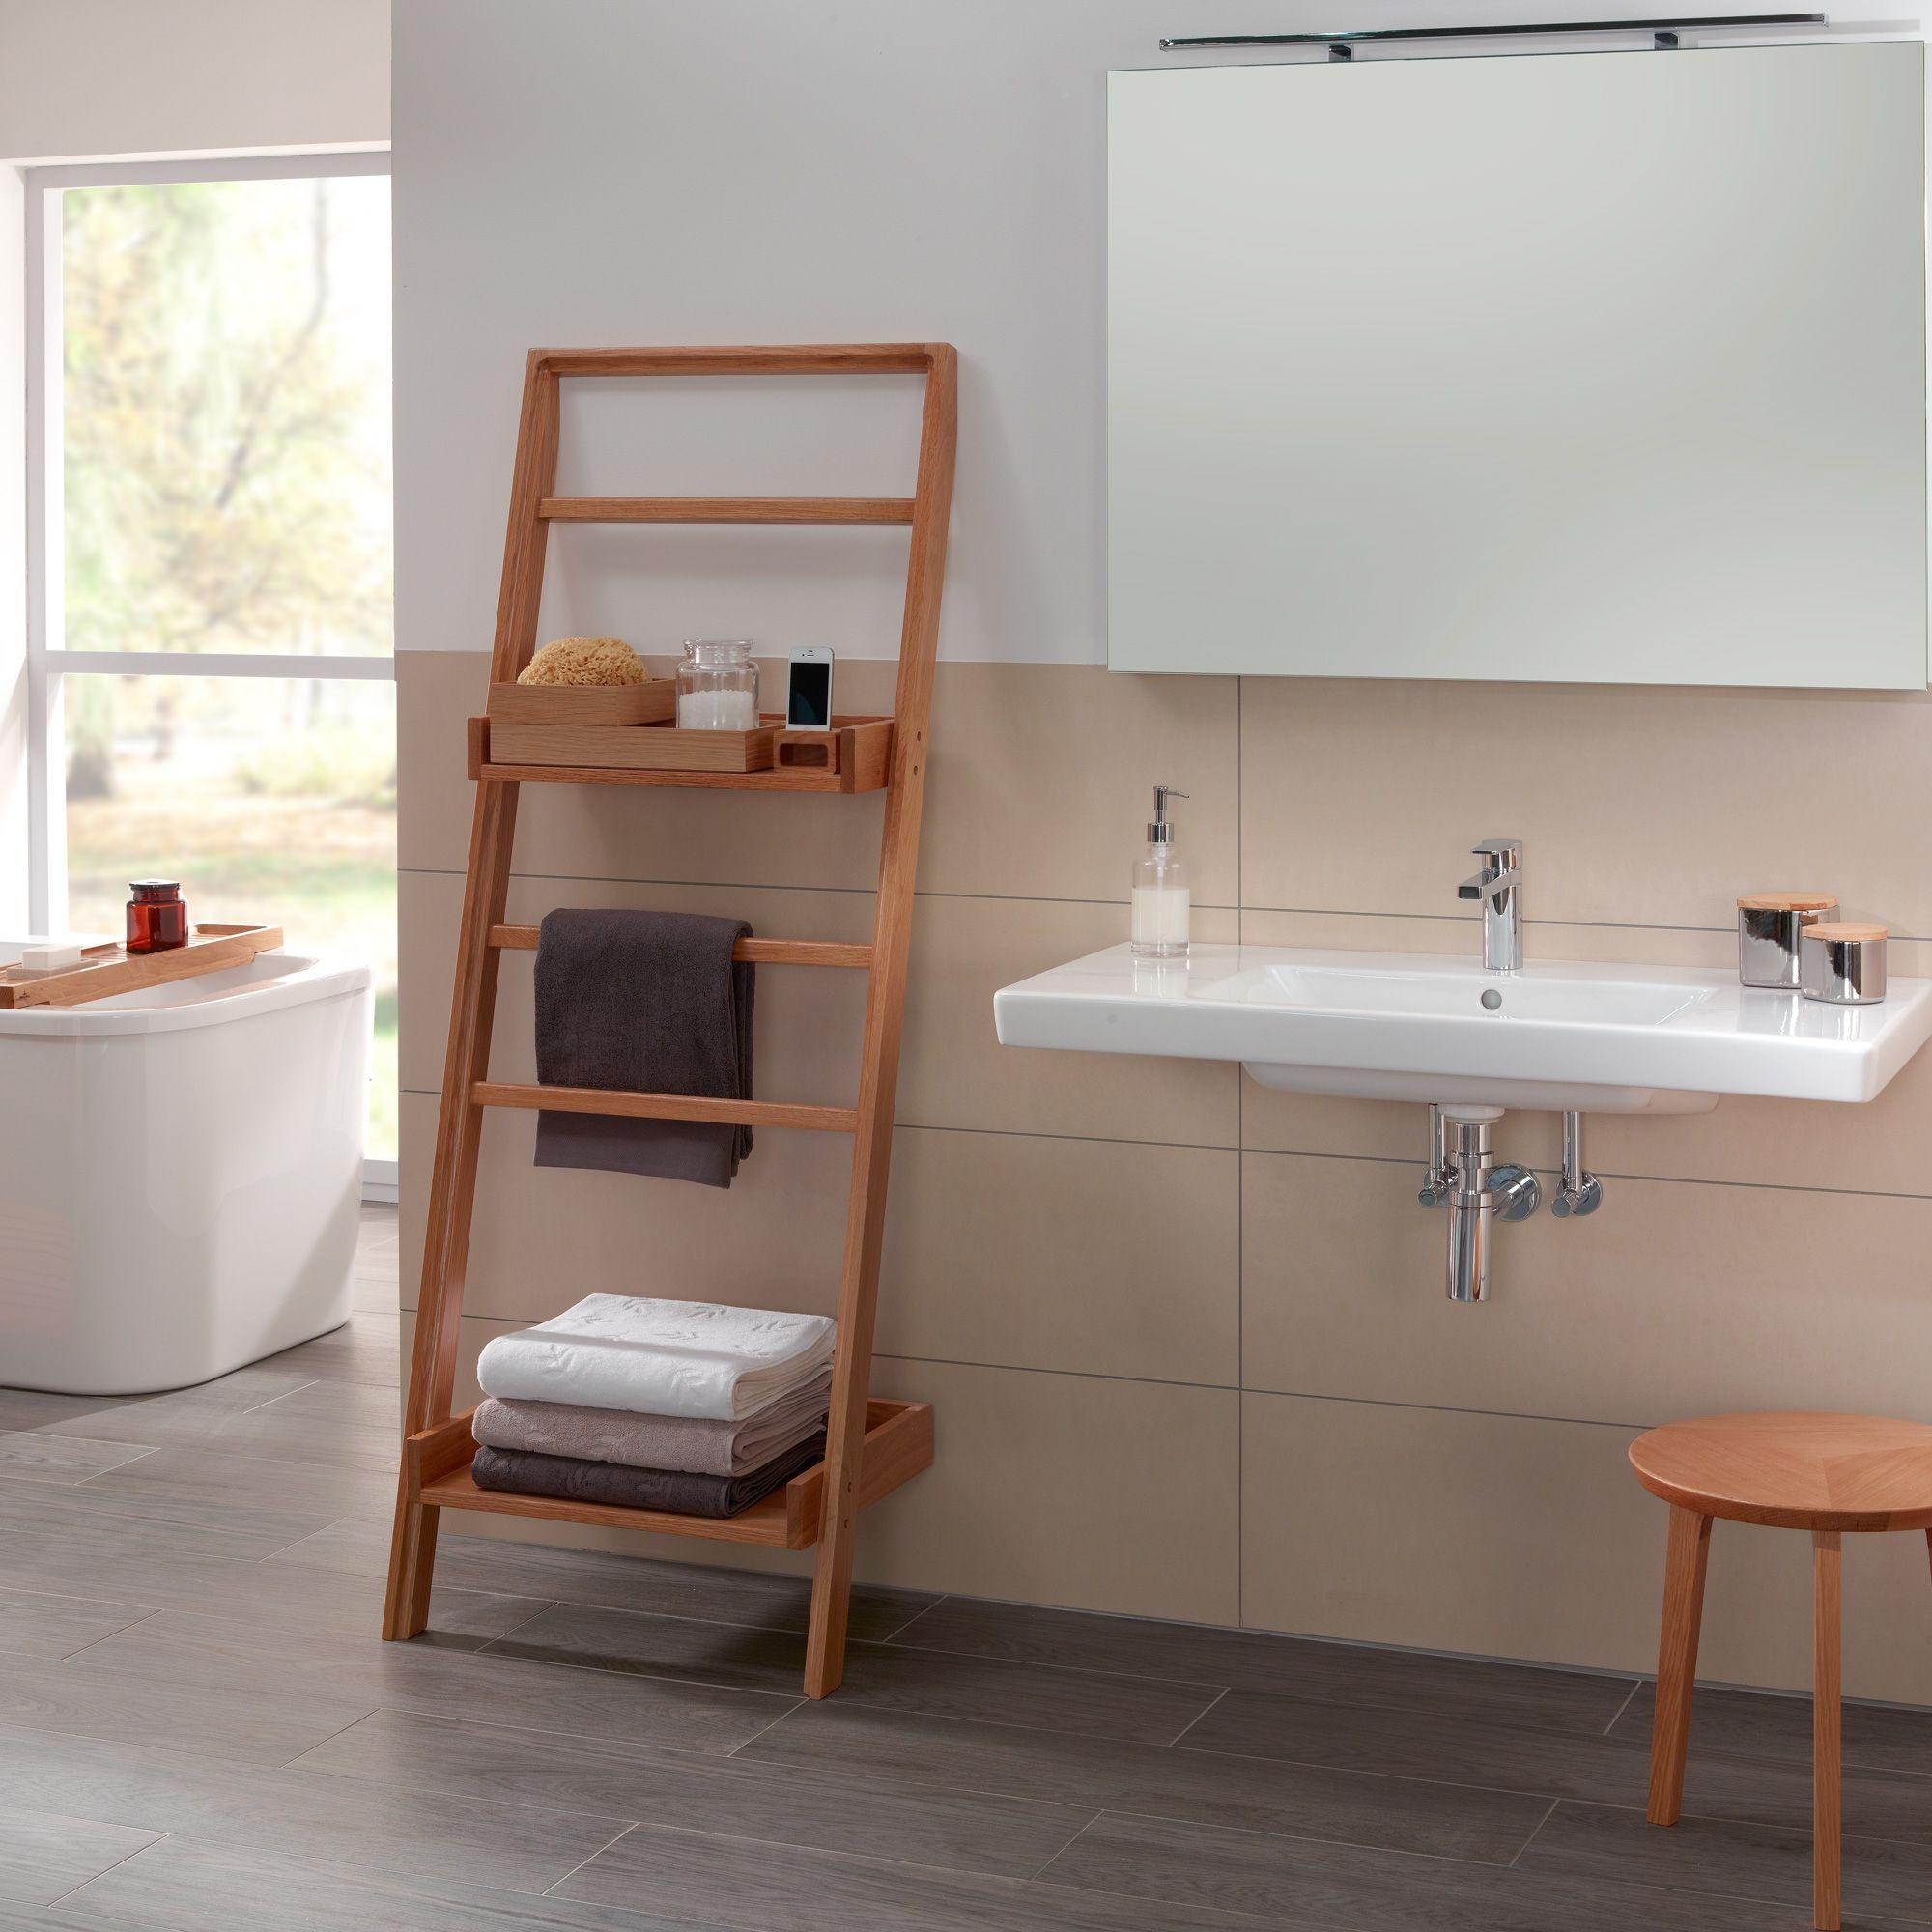 Geef de badkamer een natuurlijke uitstraling met deze mooie ladder ...